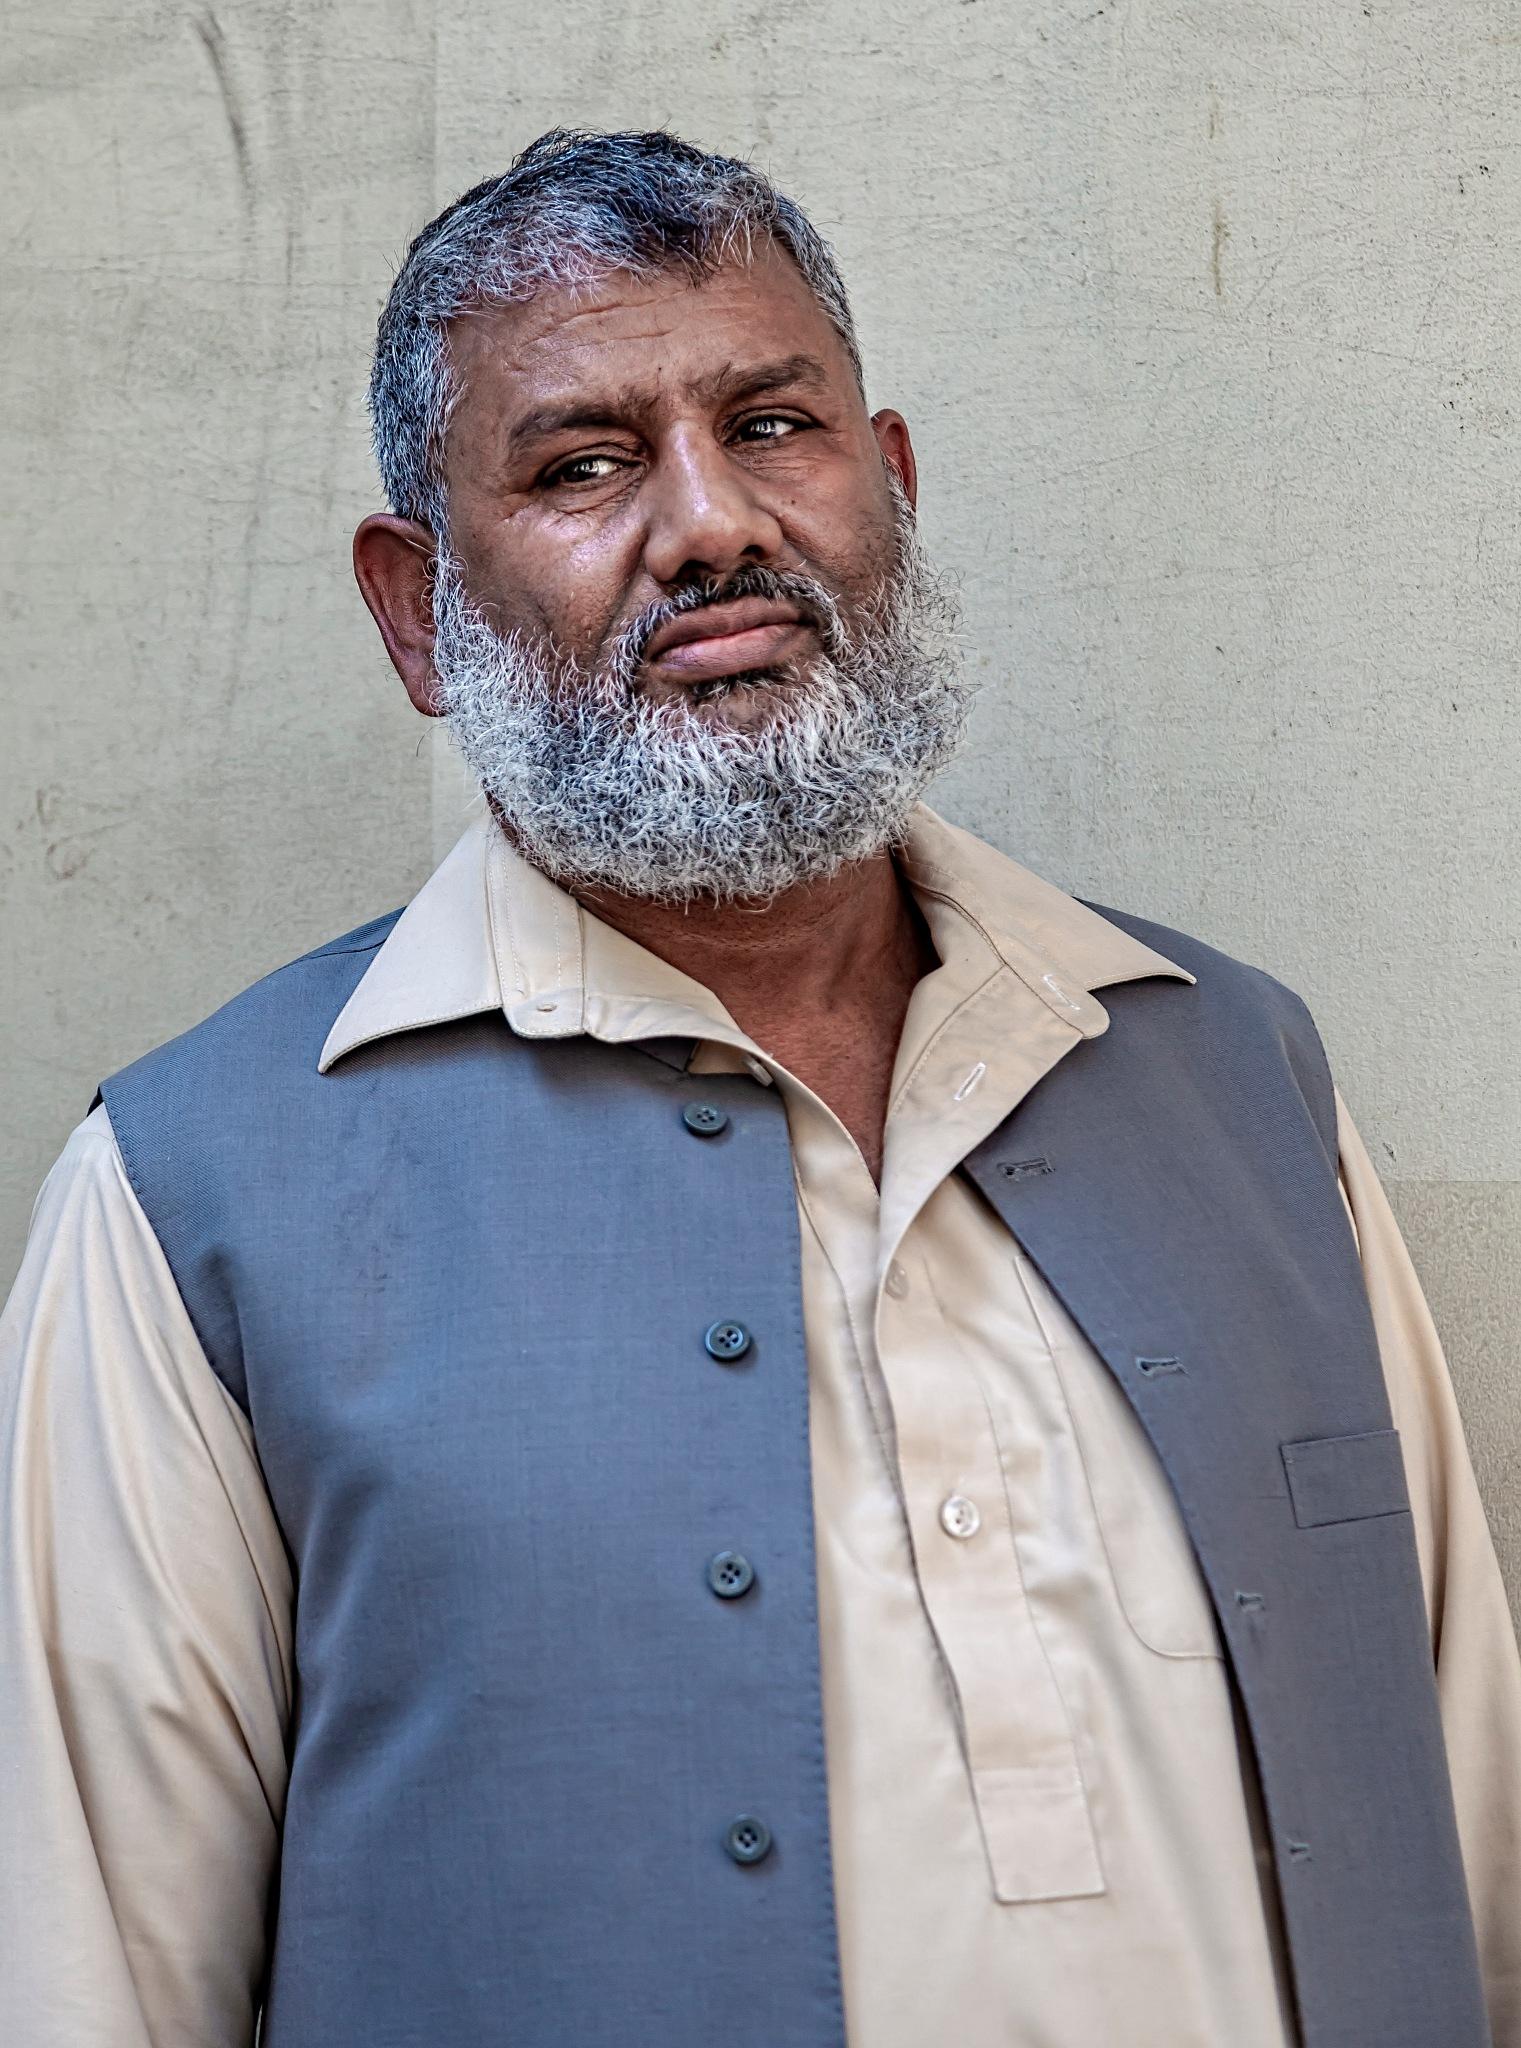 Bearded Pakistani Man - Pakistani Day NYC 2018 by robertullmann